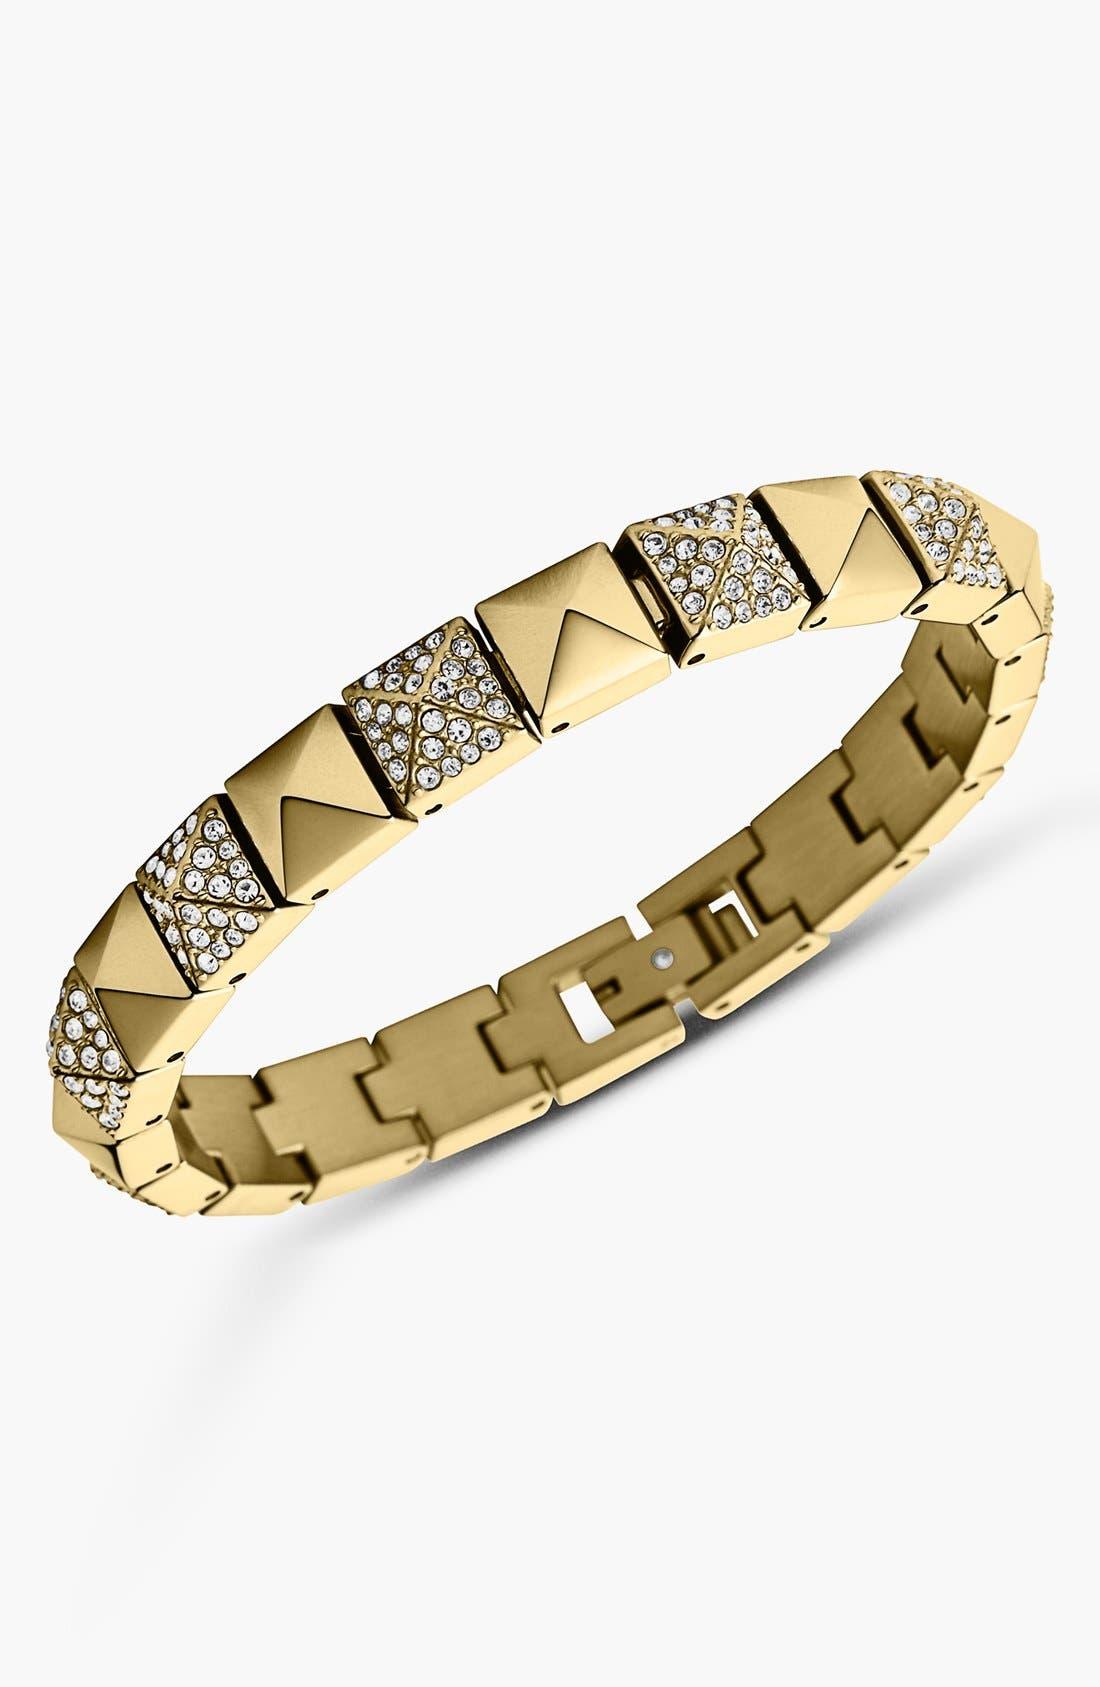 Main Image - Michael Kors Pyramid Stud Line Bracelet